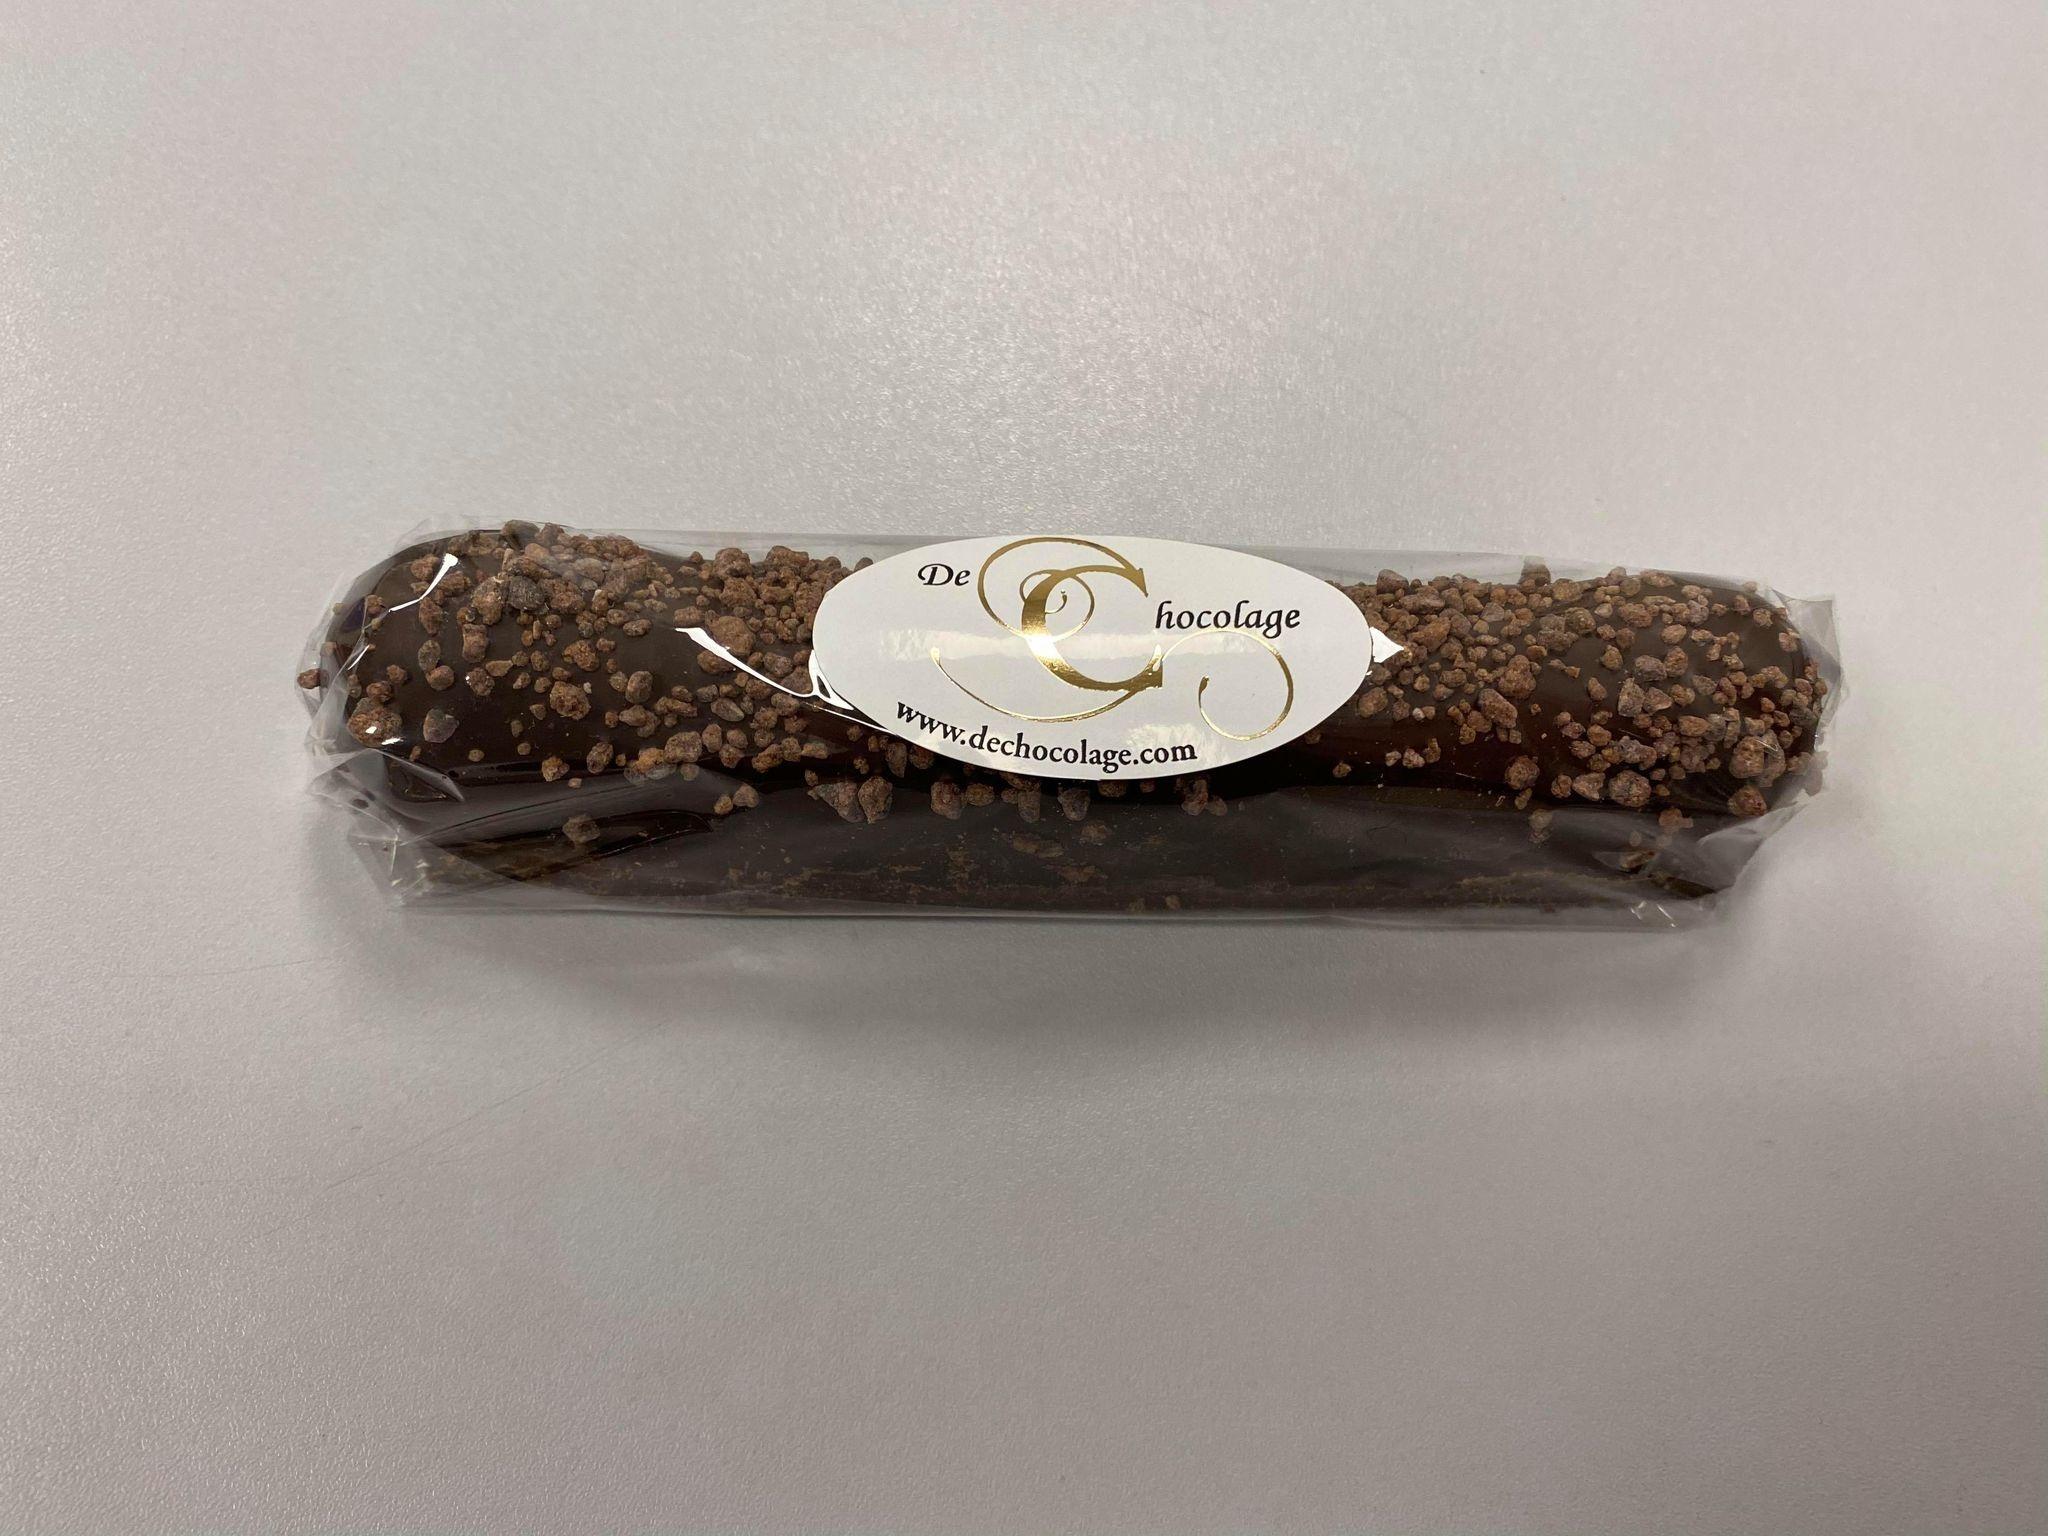 Date treat black chocolateate - Copy - Copy